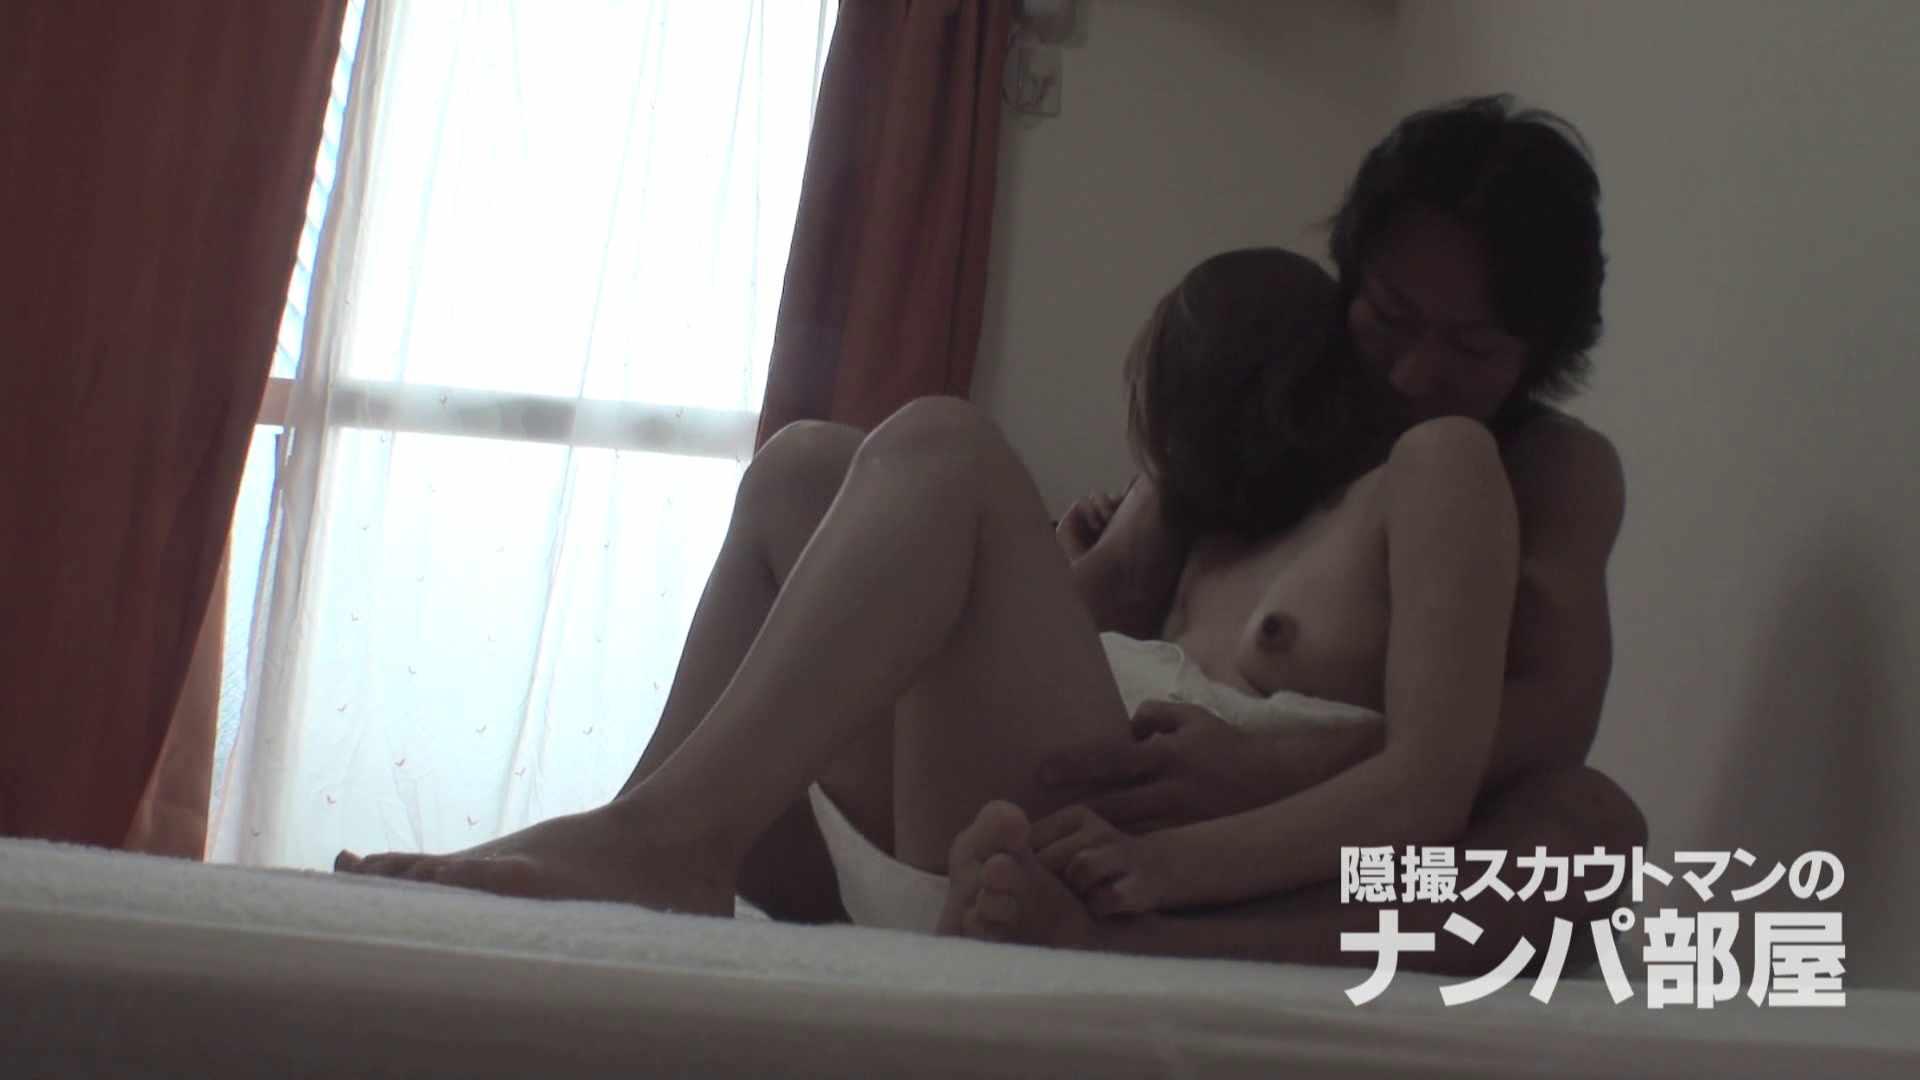 隠撮スカウトマンのナンパ部屋~風俗デビュー前のつまみ食い~ sii 脱衣所 | 隠撮  68画像 53